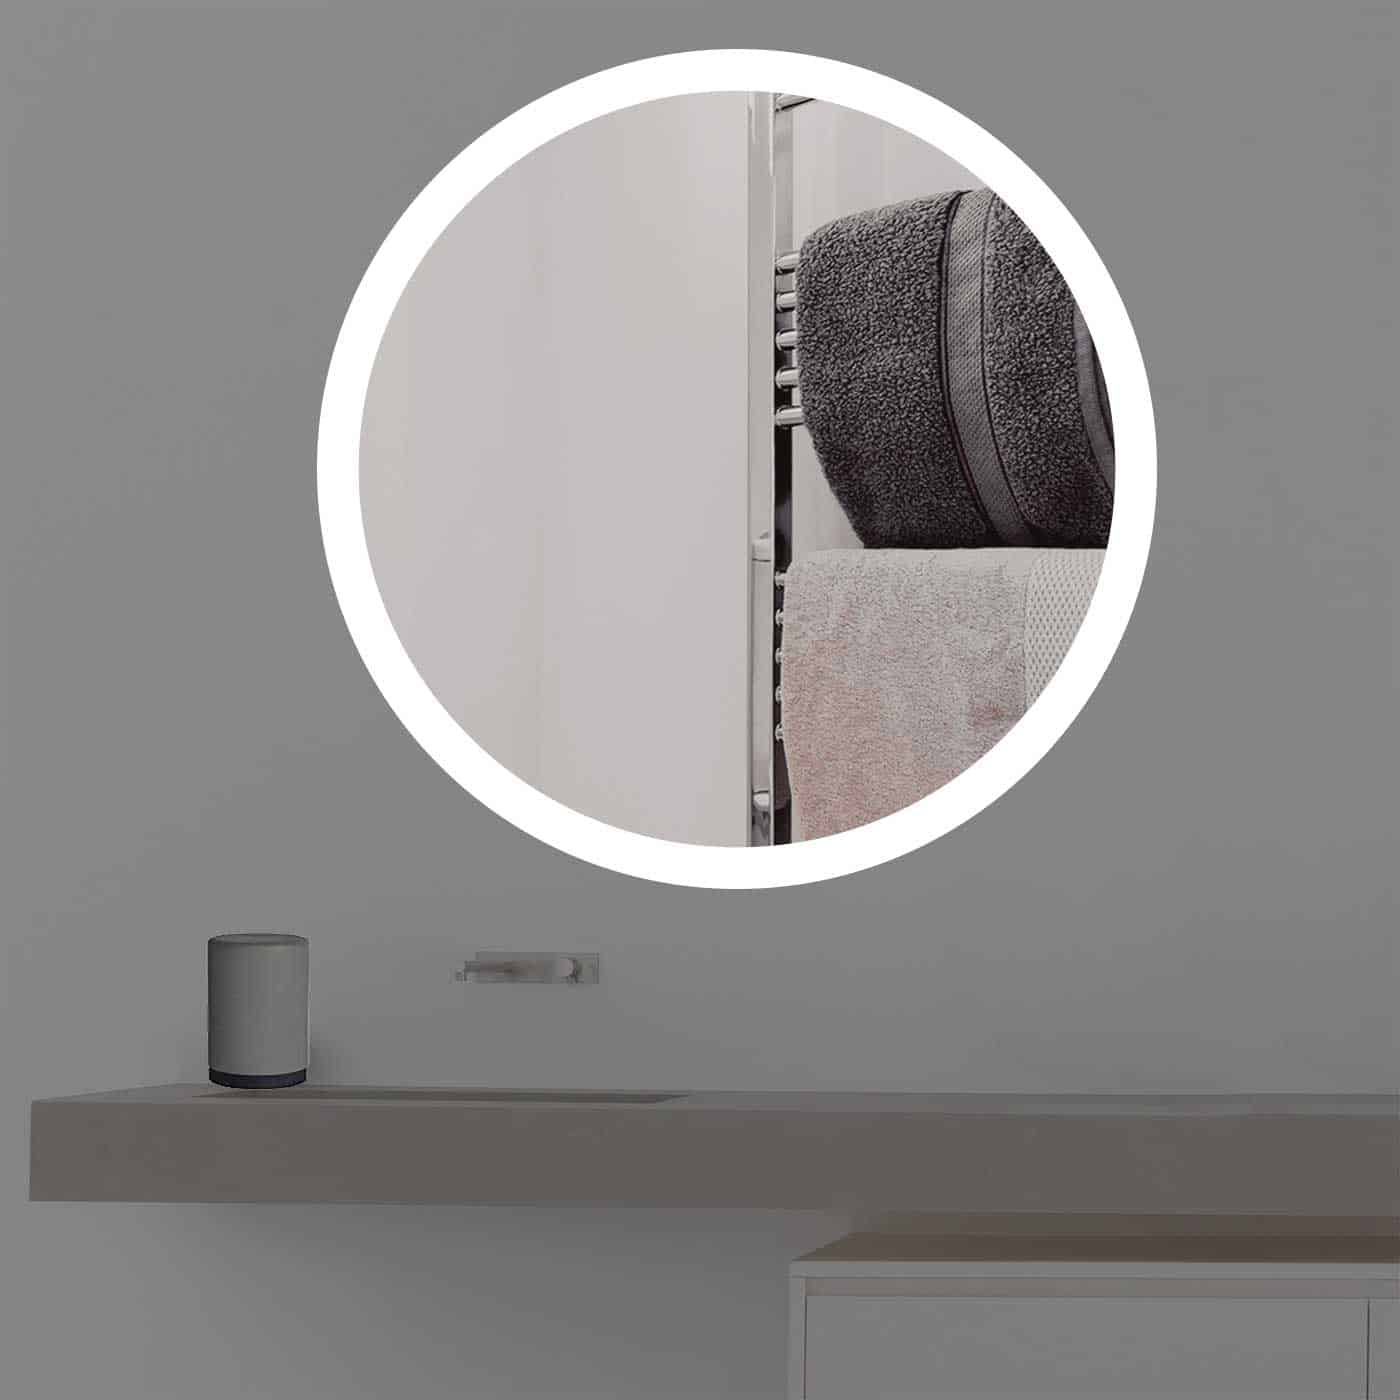 Spiegel mit beleuchtung rund  Wandspiegel beleuchtet rund Led R 405